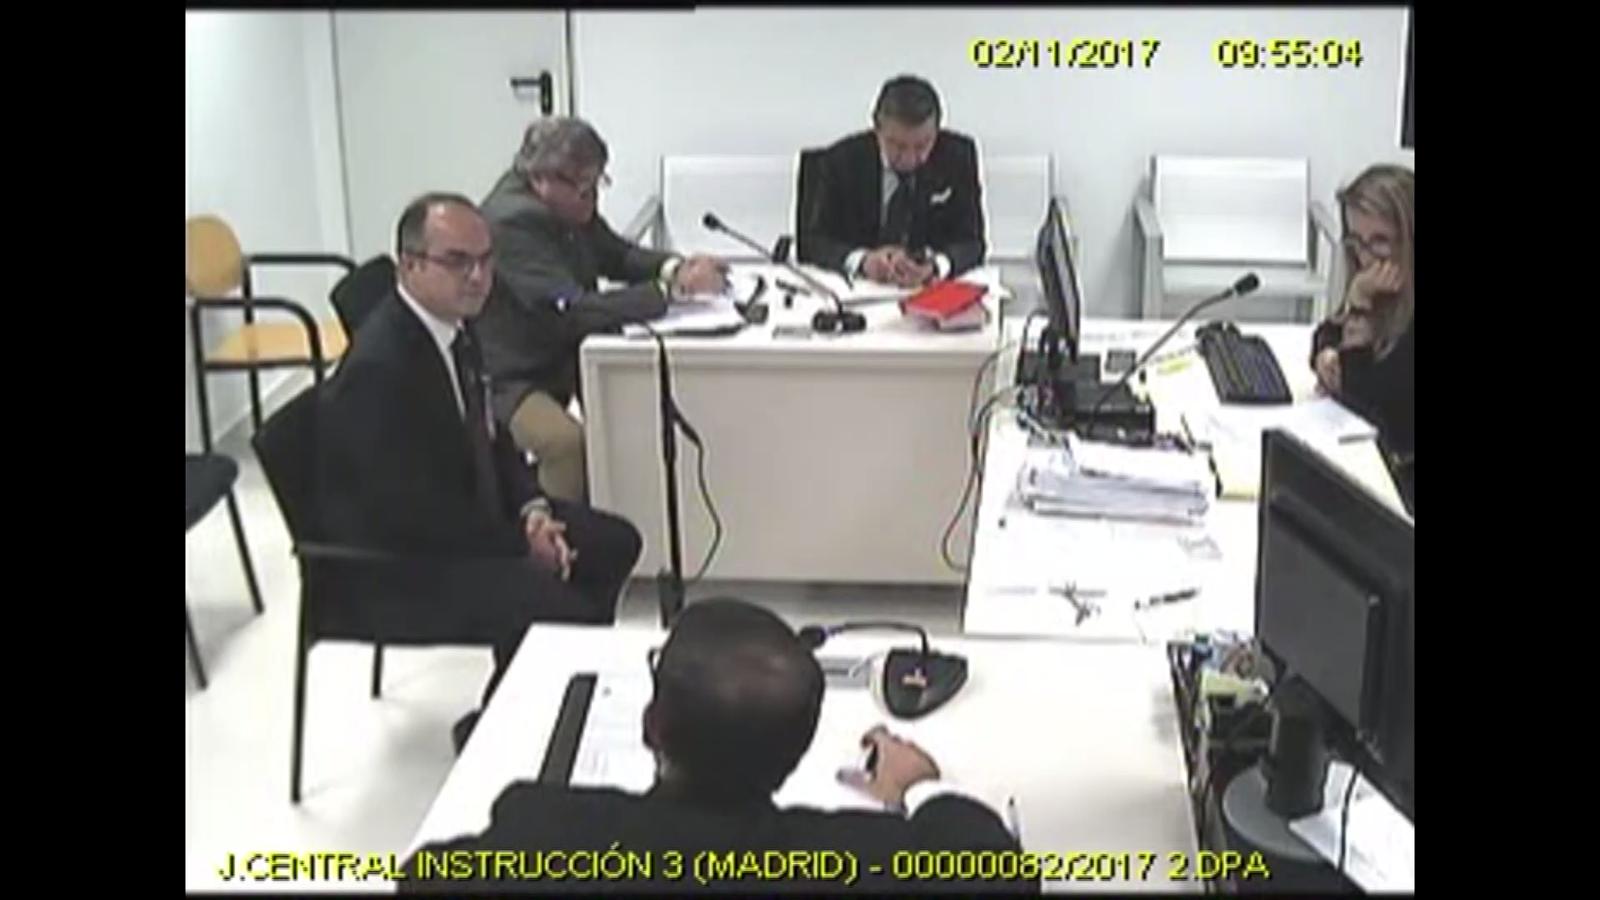 Imatges de la càmera de la sala de l'Audiència Nacional amb la magistrada Carmen Lamela interrogant diversos exmembres del Govern com Borràs, Bassa, Romeva, Rull, Turull o Mundó